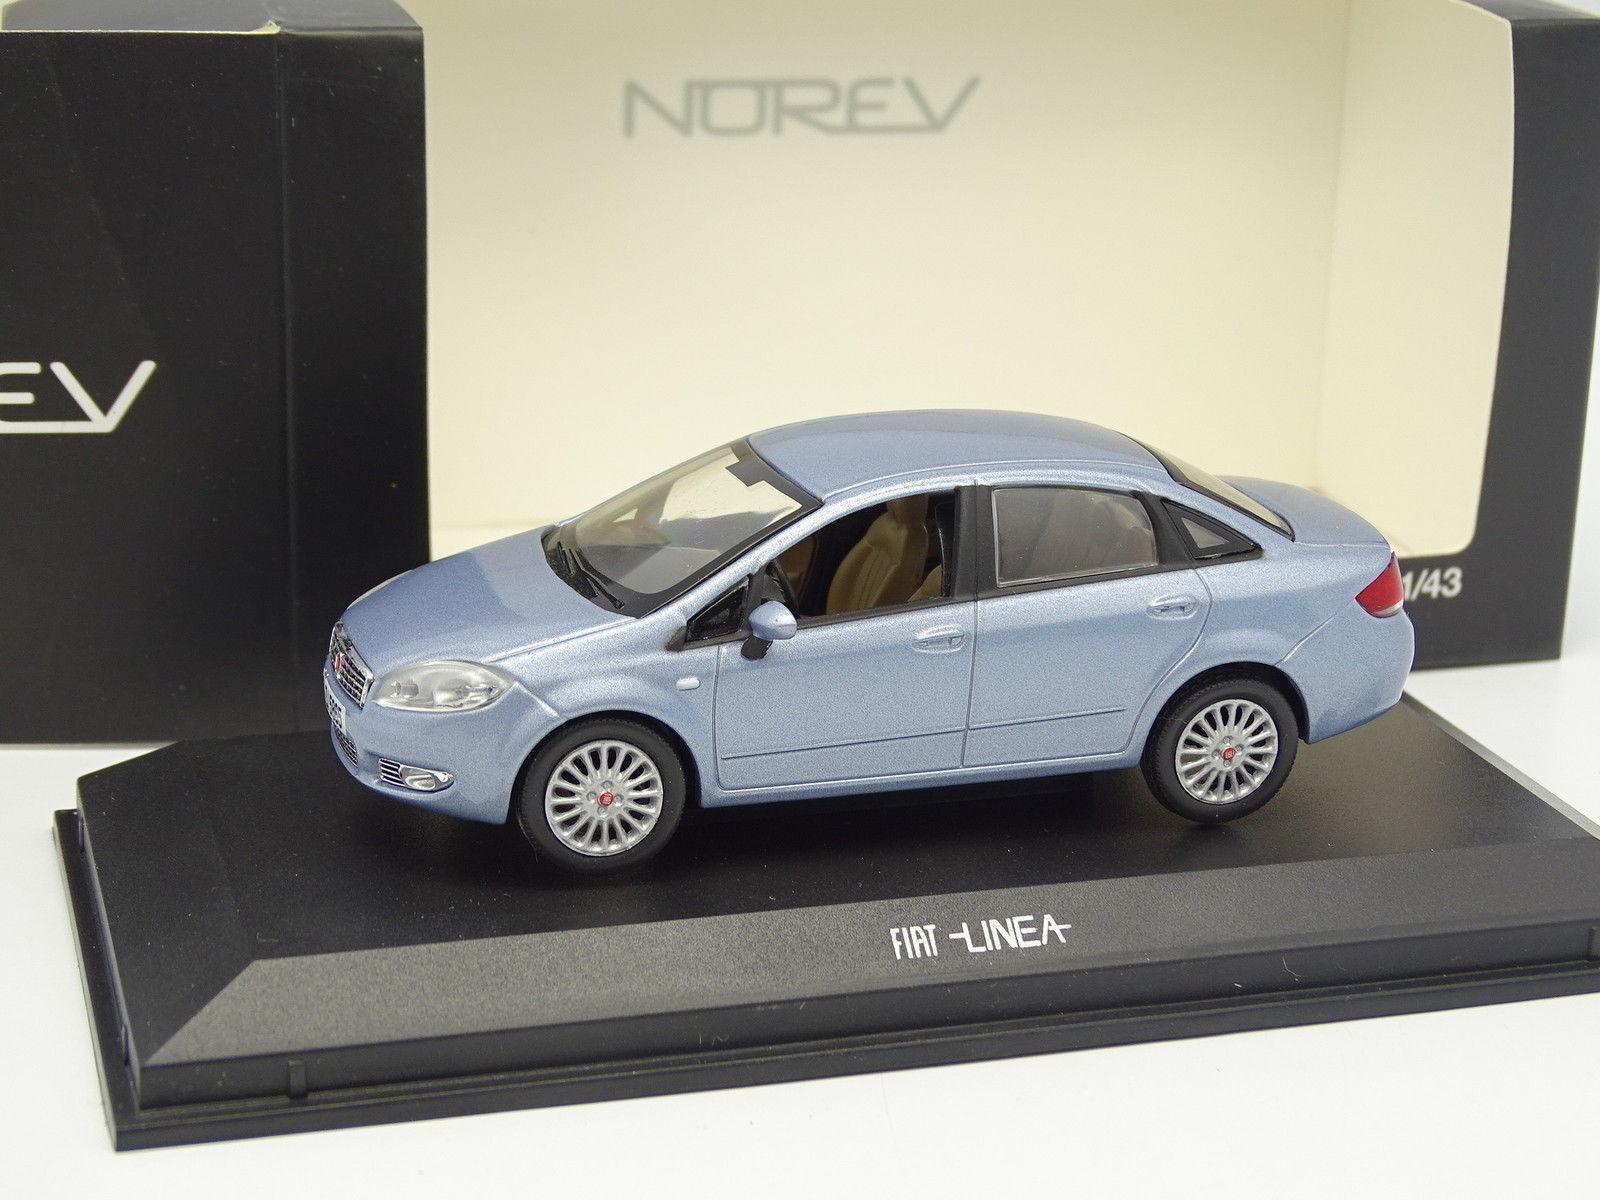 Norev 1 43 - Fiat Linea bluee